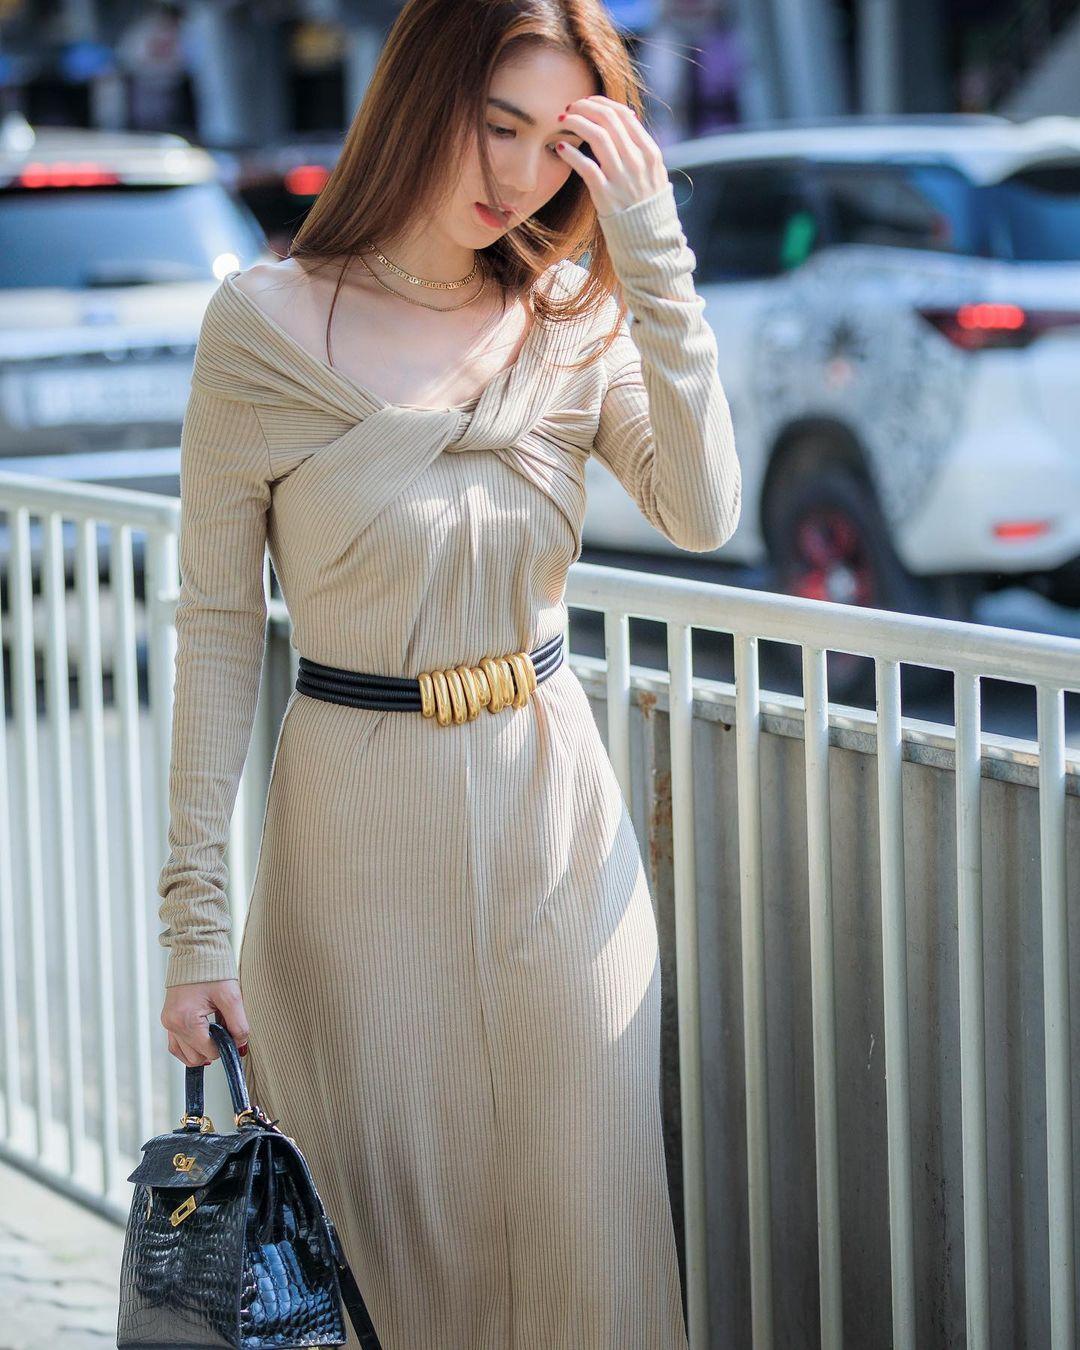 Có thân hình không mỡ thừa, Ngọc Trinh không bị lộ bụng khi diện chiếc đầm ôm body. Cô khéo kết hợp cùng thắt lưng ánh kim ngang hông để bộ váy trơn có thêm điểm nhấn, tránh tạo cảm giác người thẳng đuột.